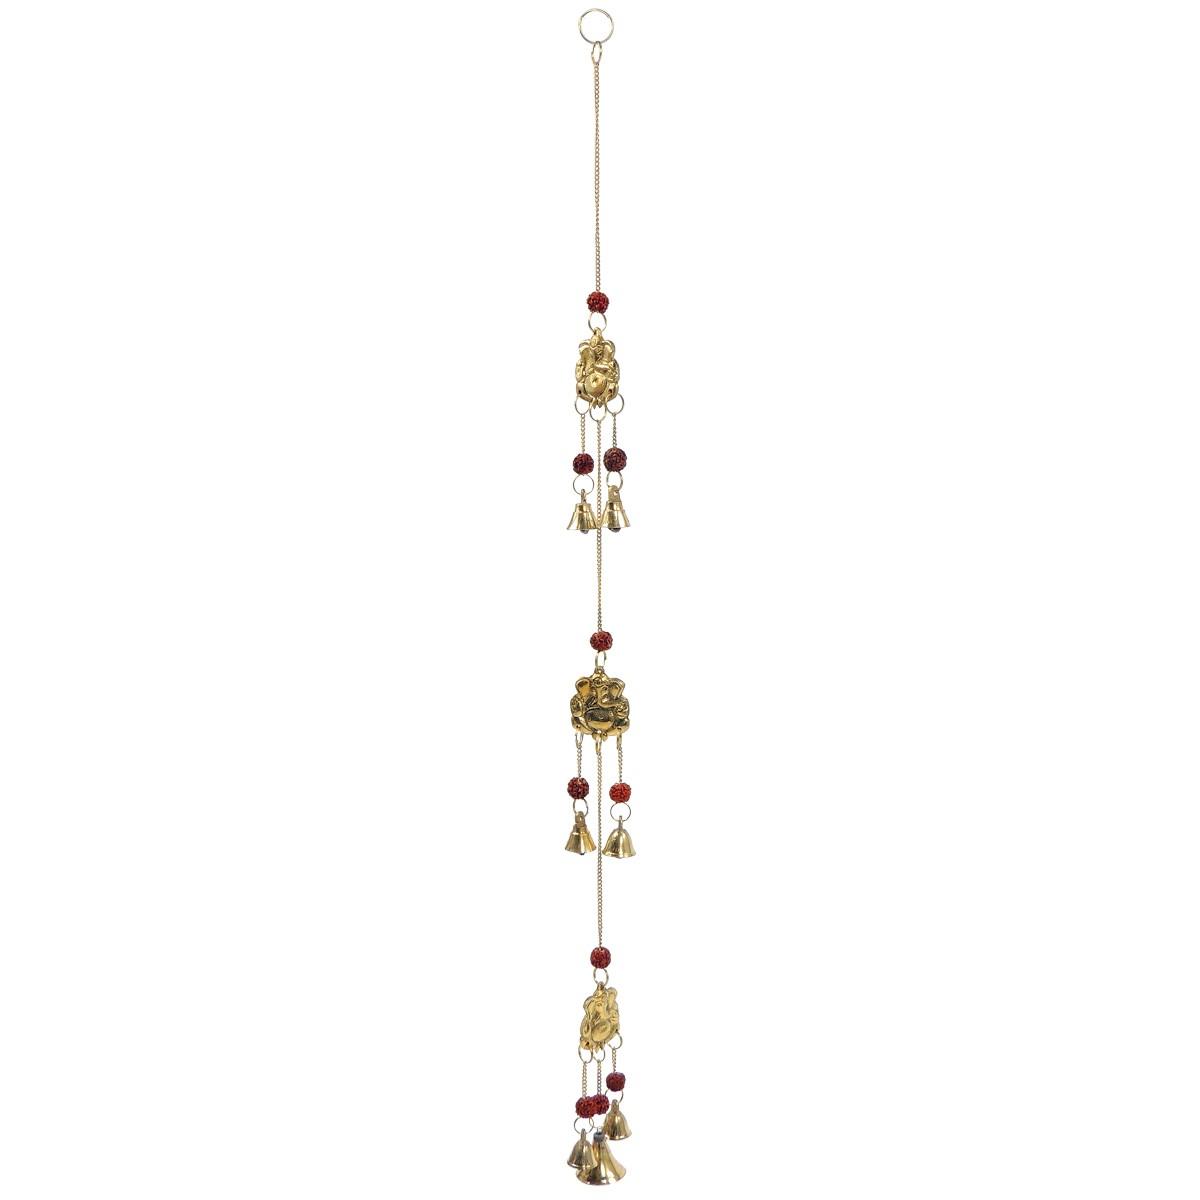 Windspiel 3erGlöckchen Ganesha – Messing / RudrakshaSamen – Handwerk Indien